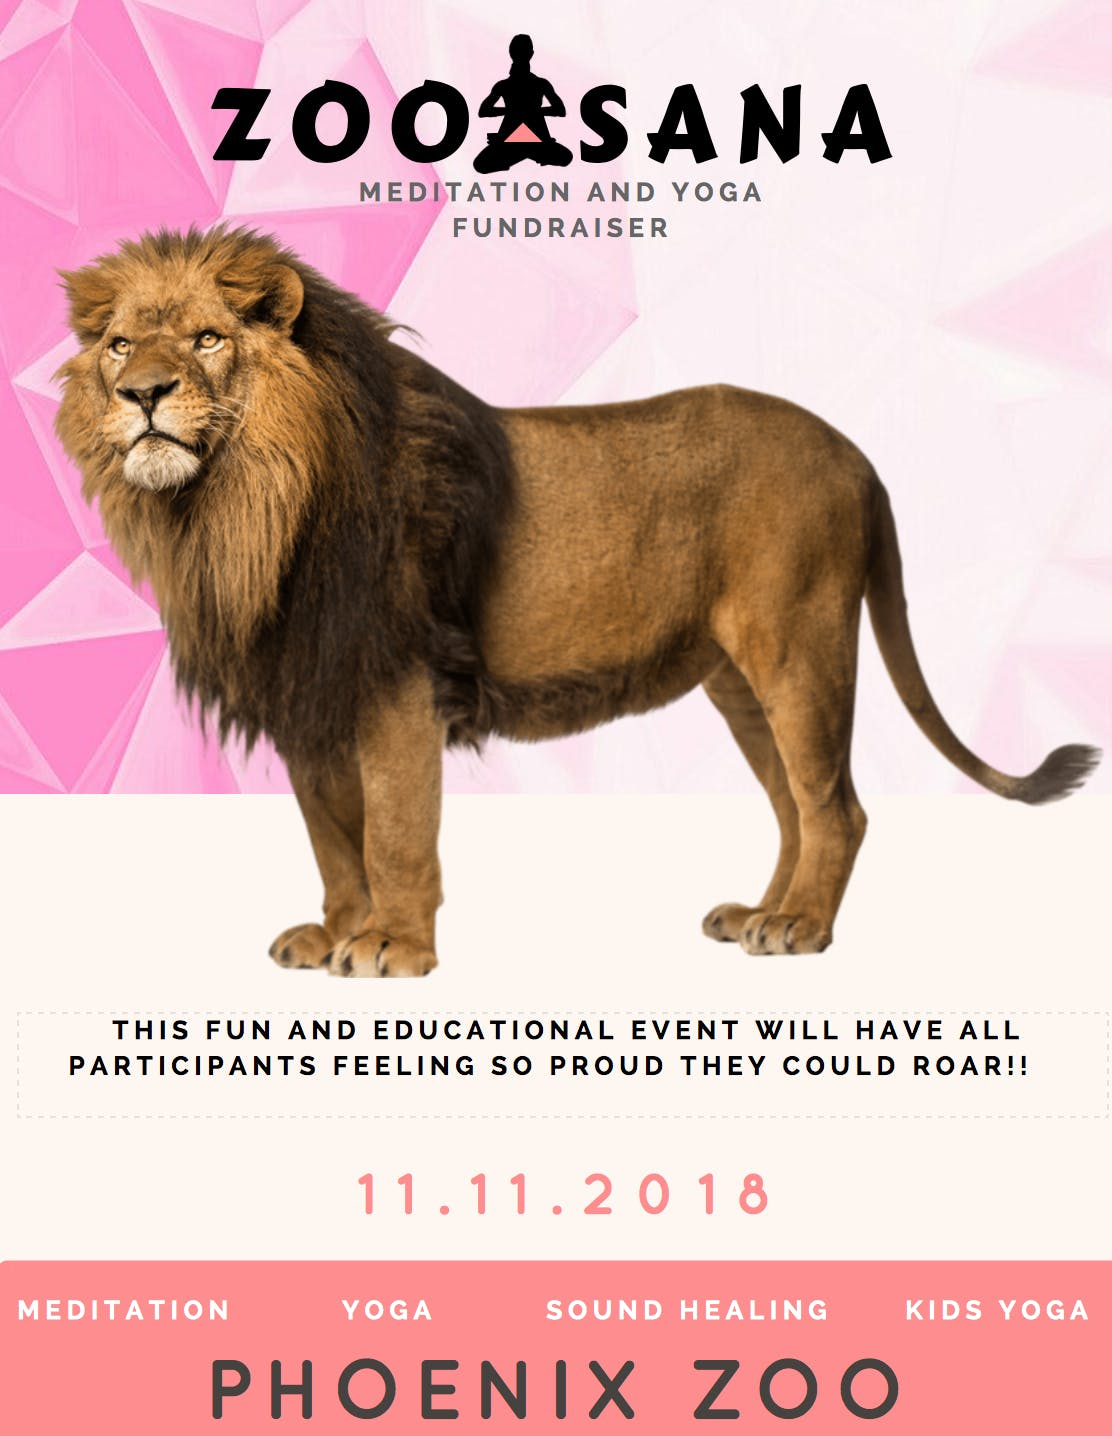 ZOOASANA - Yoga & Meditation Fundraiser for C